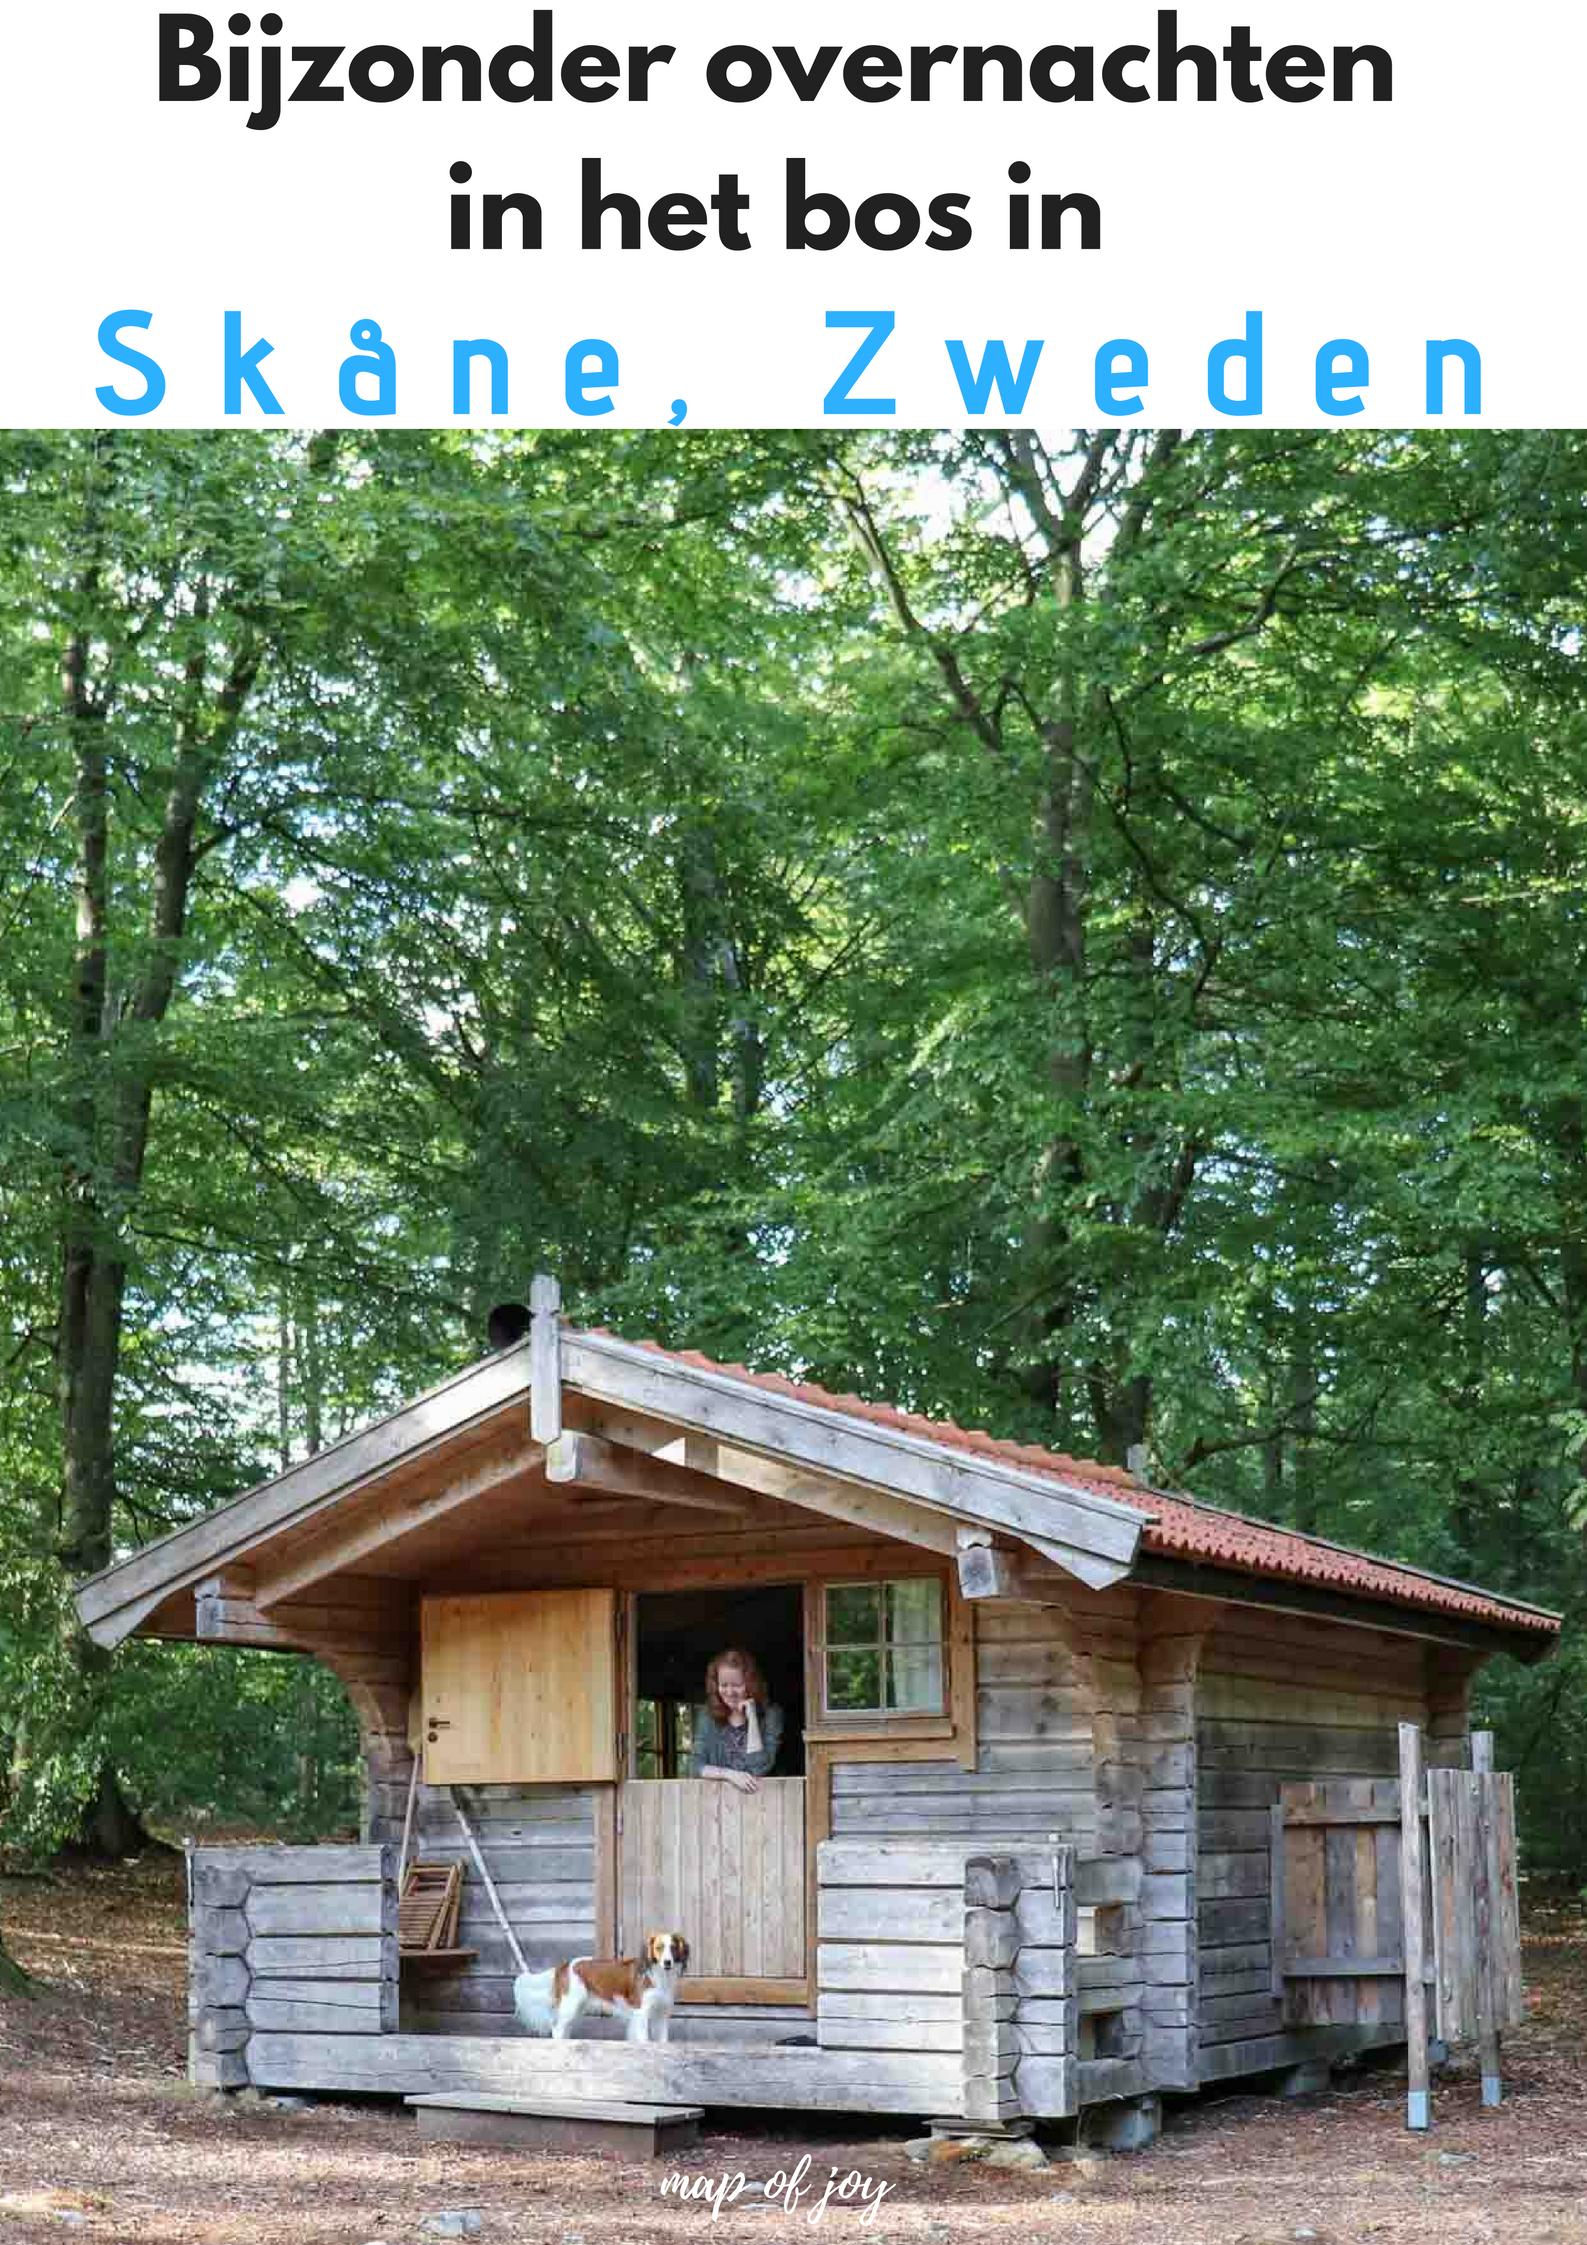 Bijzonder overnachten in het bos in Skåne, Zweden - Map of Joy